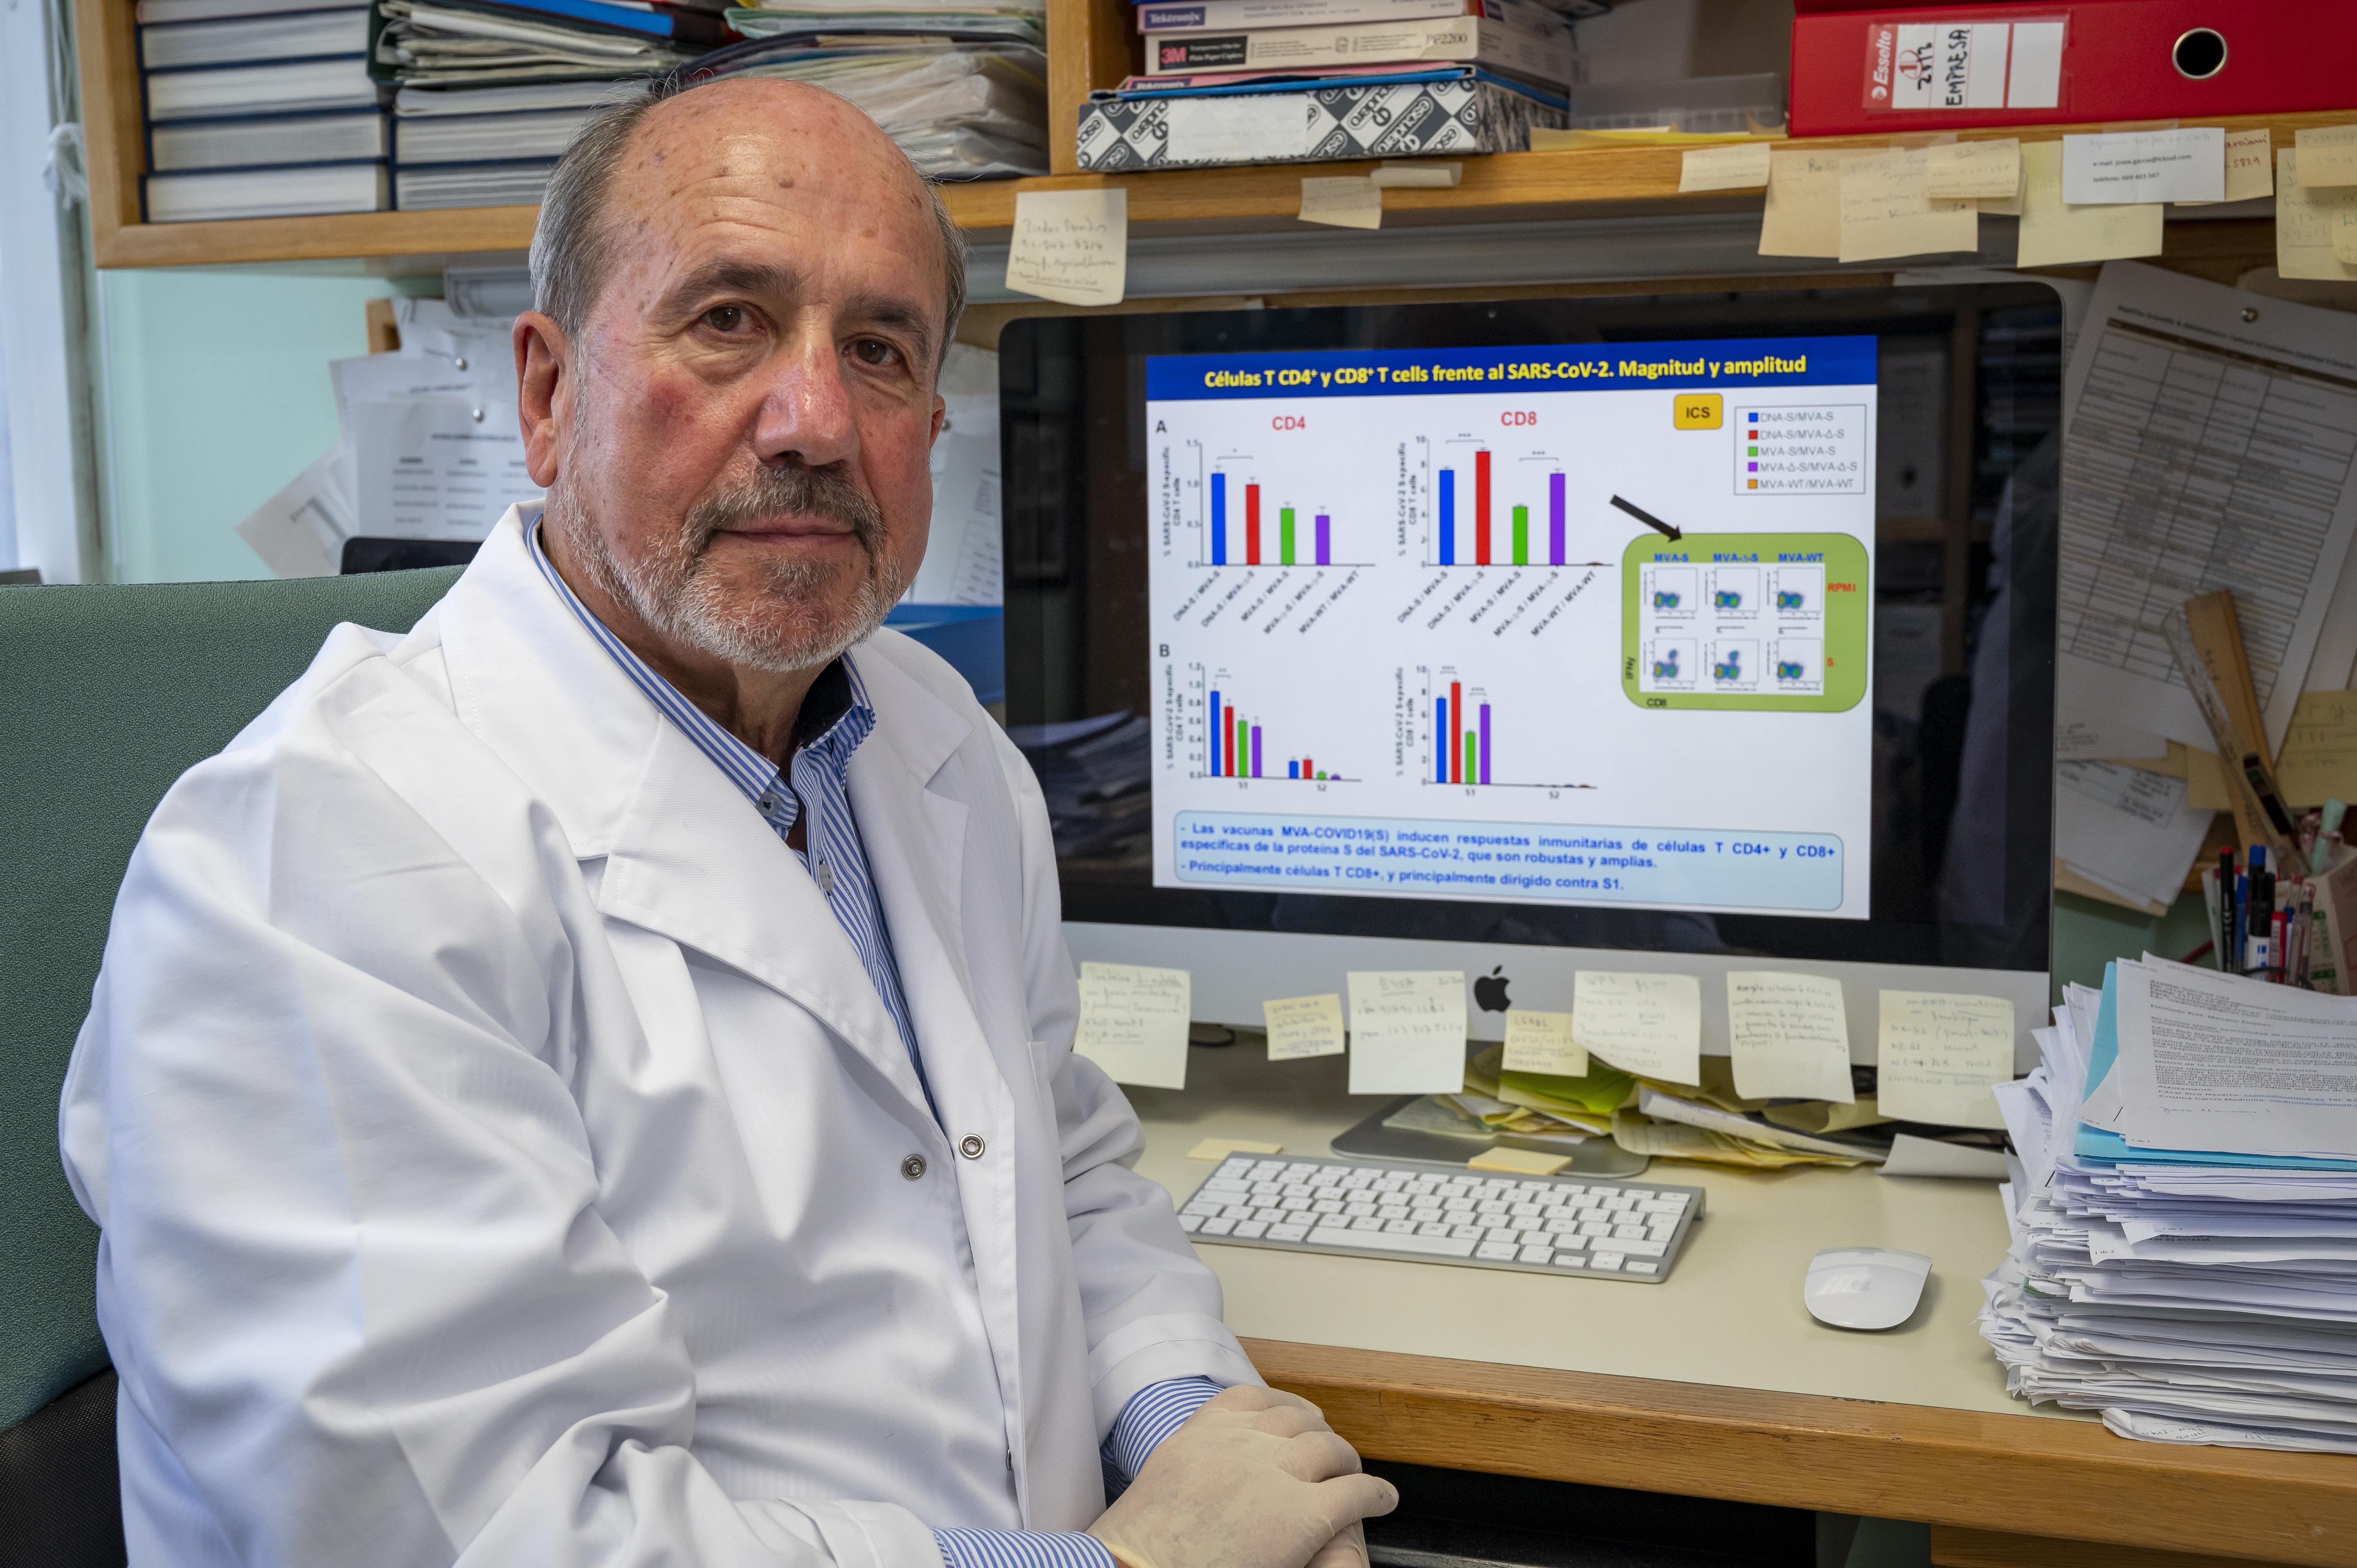 imagen de El virólogo Mariano Esteban, en su laboratorio del CNB-CSIC. / Vinca Page CSIC Comunicación